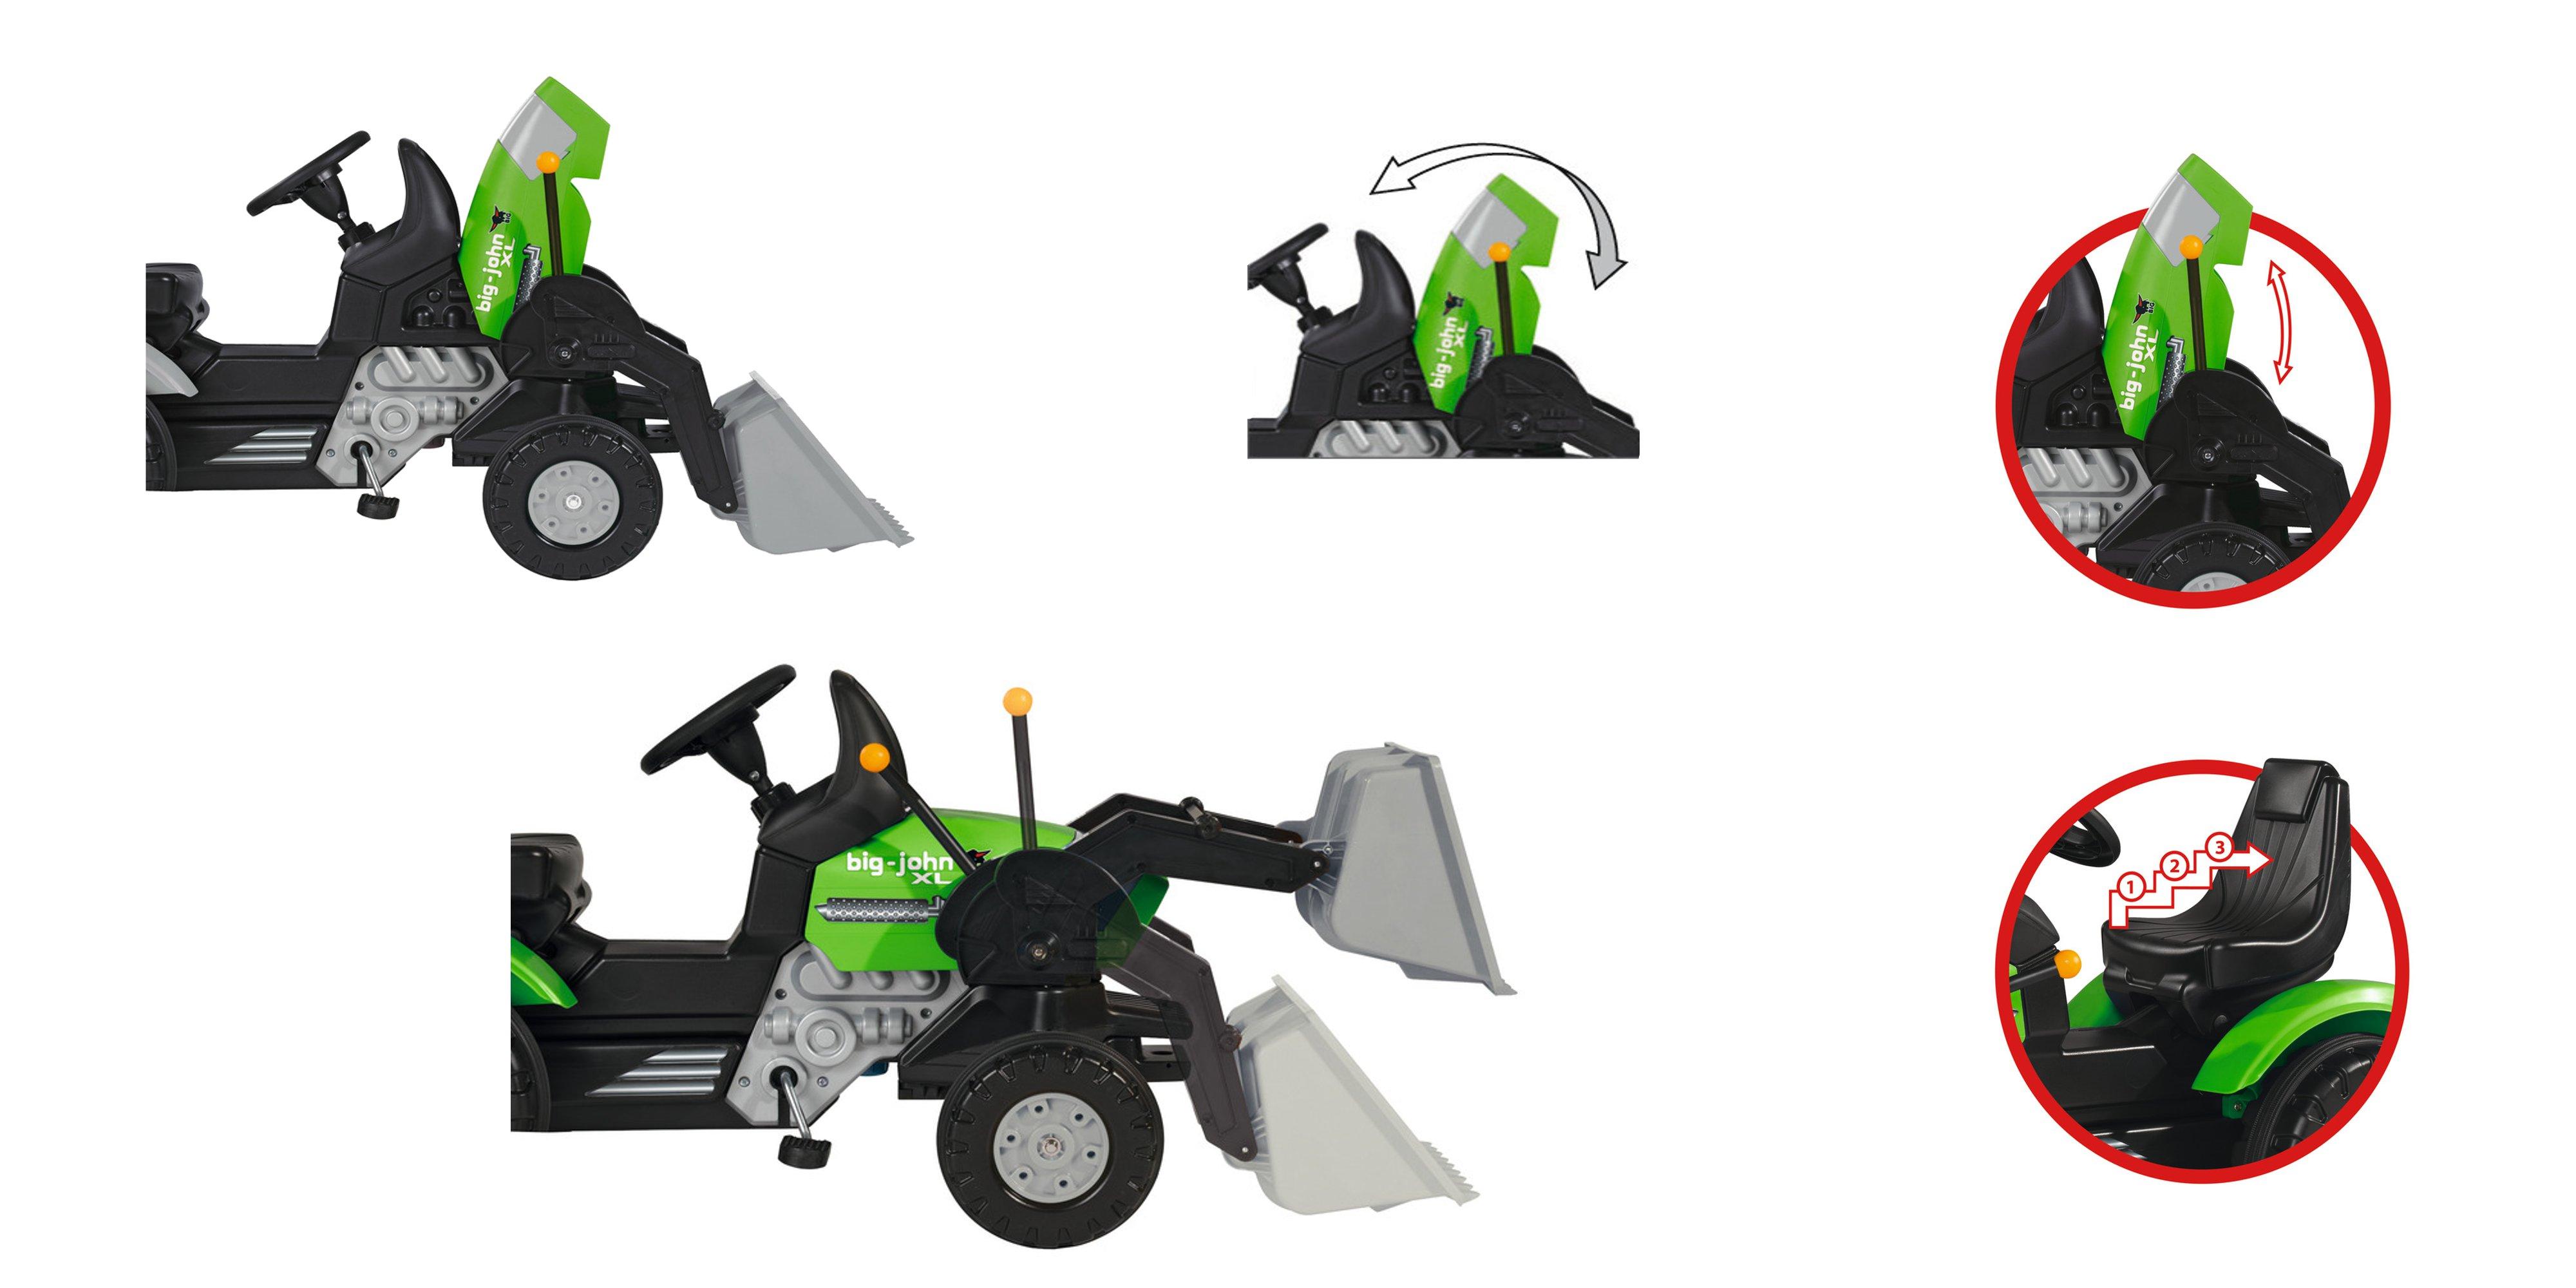 traktor archives mifus blog. Black Bedroom Furniture Sets. Home Design Ideas